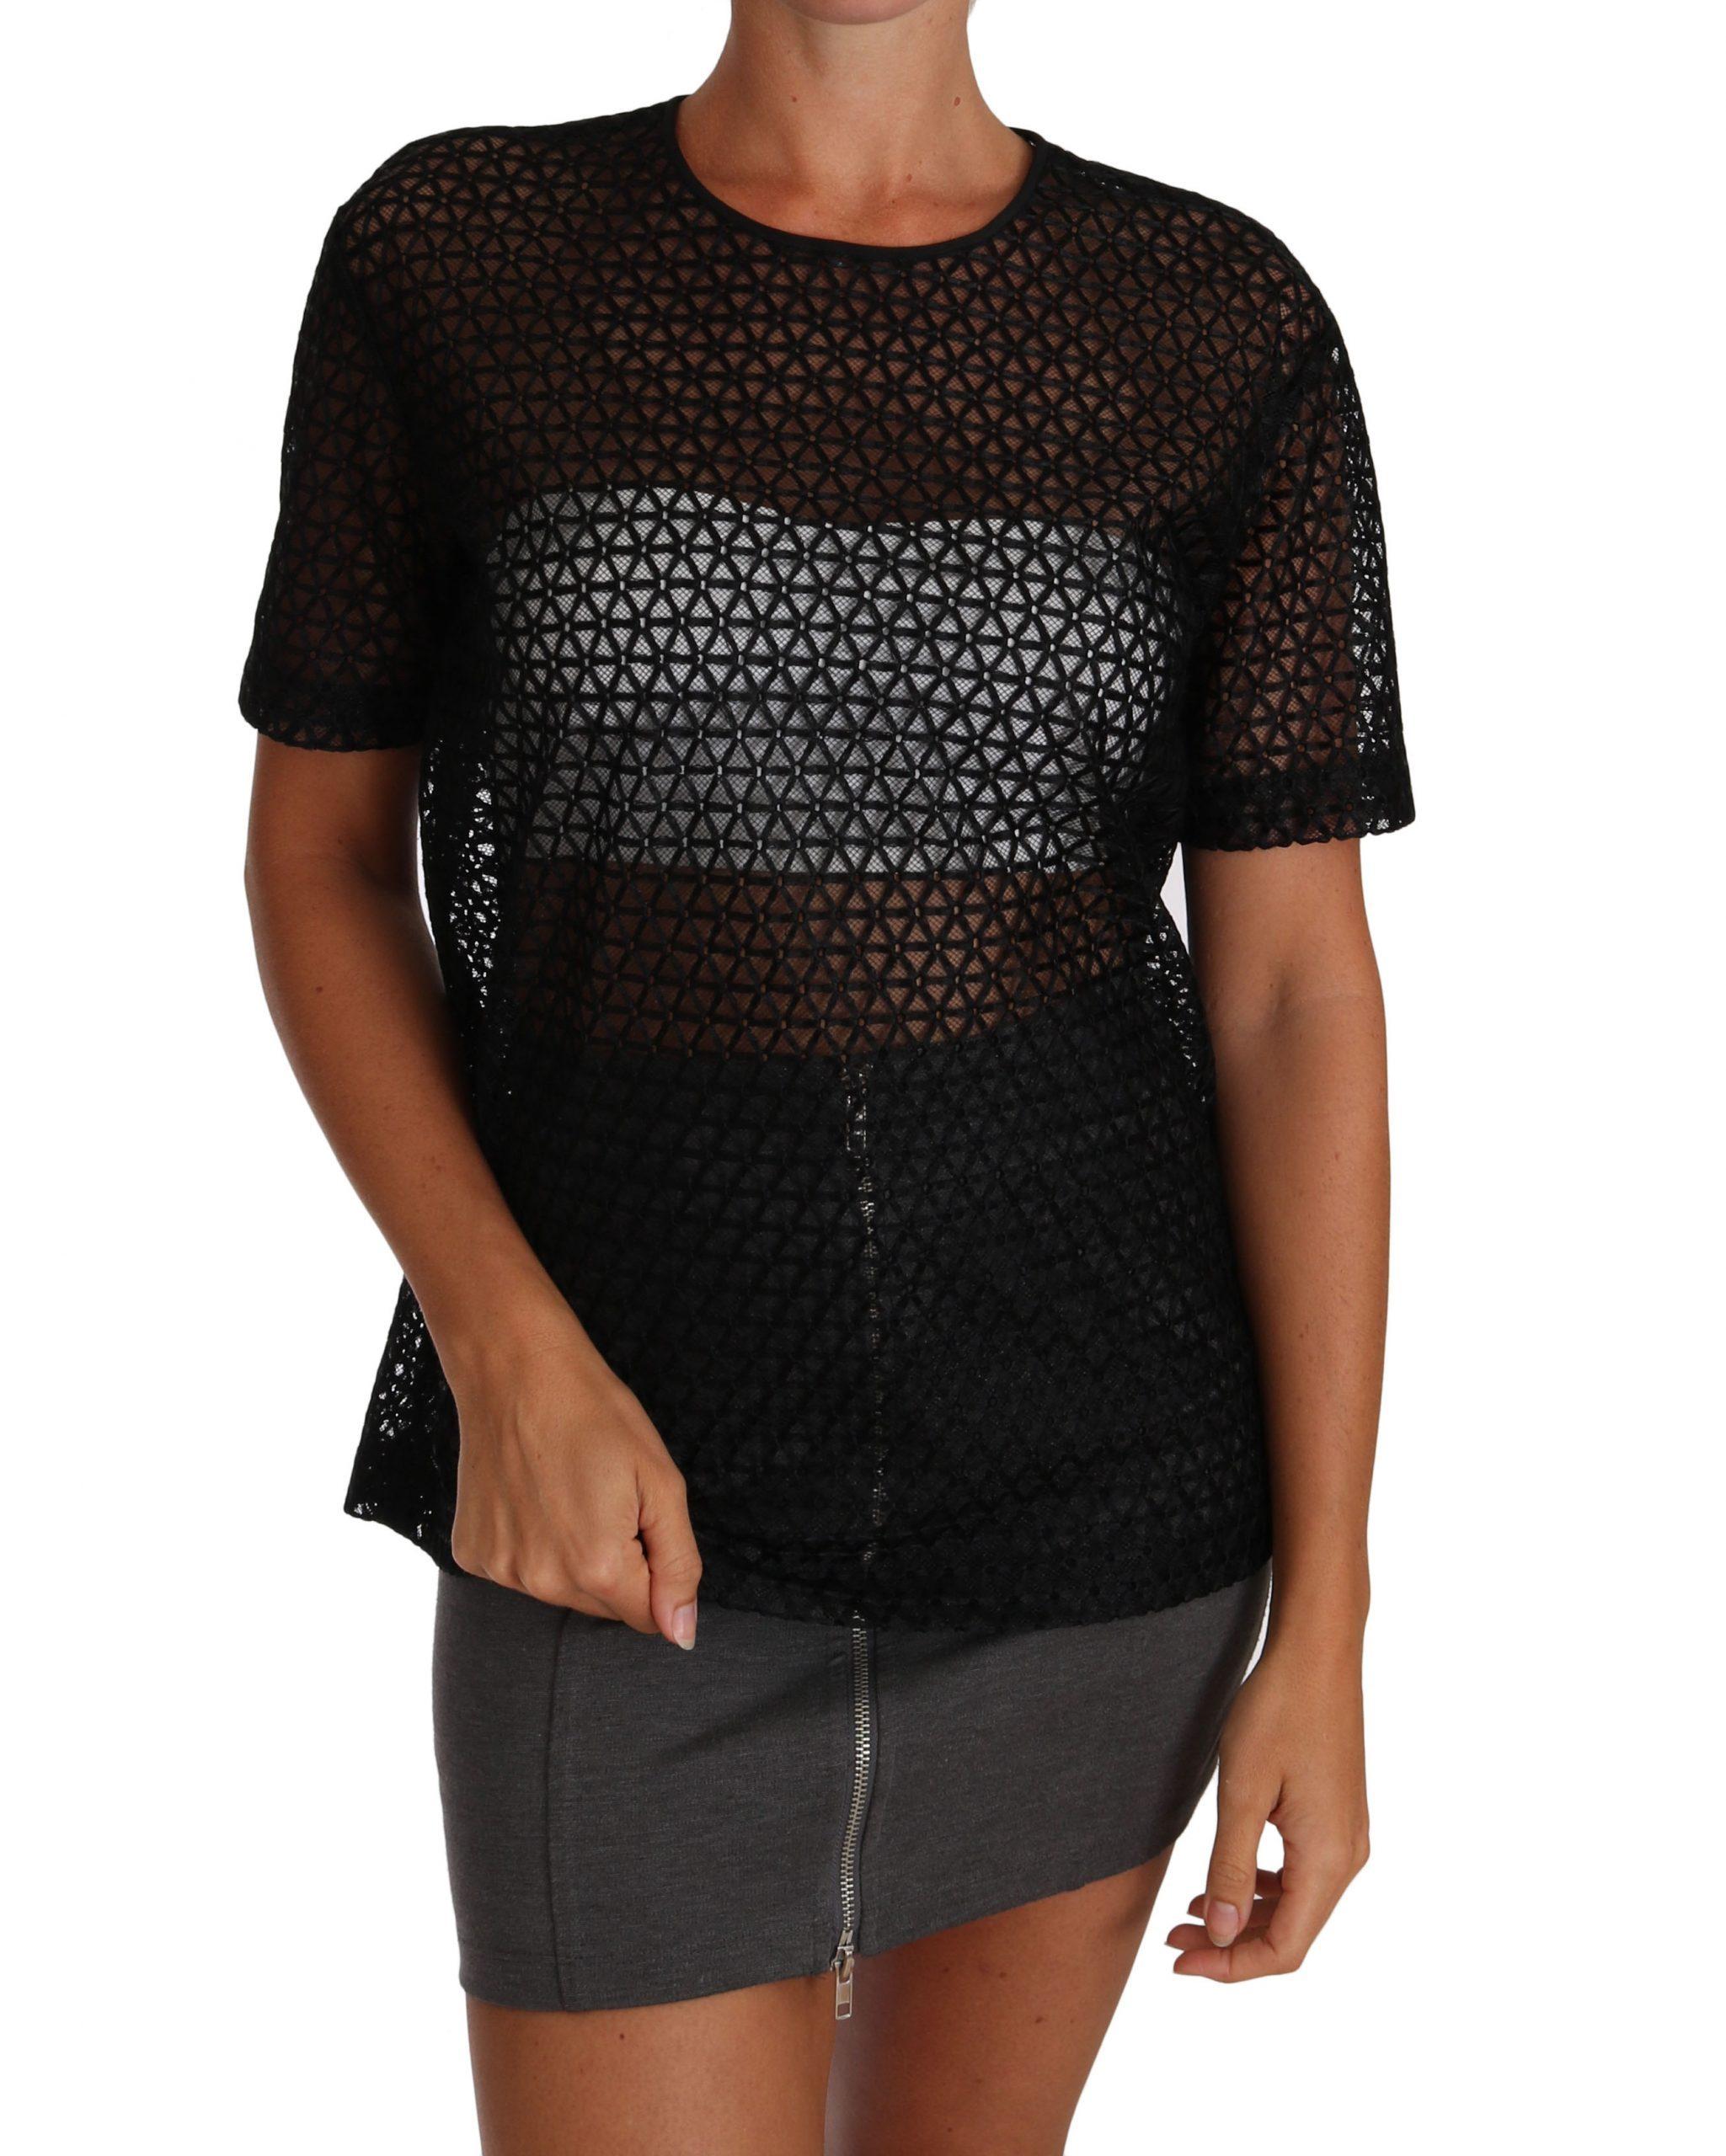 Black Floral Knit Cotton T-shirt - IT40 S